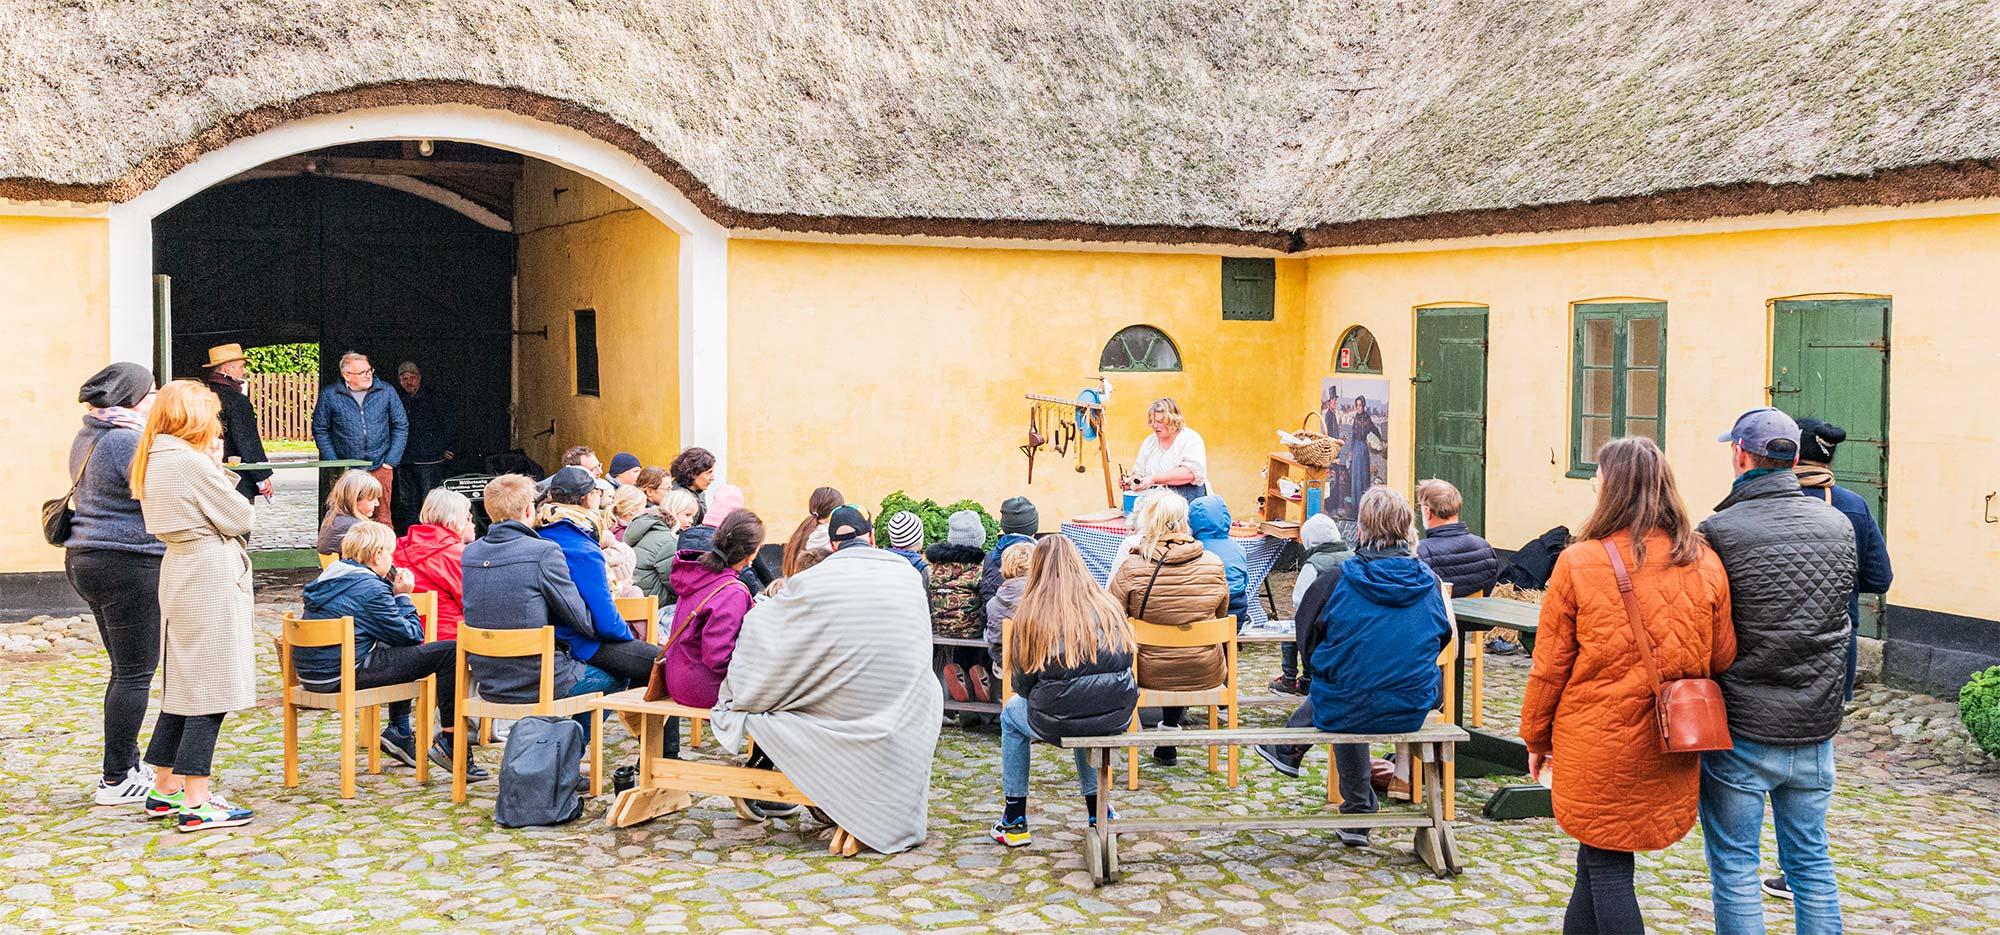 Tirsdag til fredag i efterårsferien blev der på Amagermuseet budt på dukketeater med Theatrum Elasticum. Foto: TorbenStender.